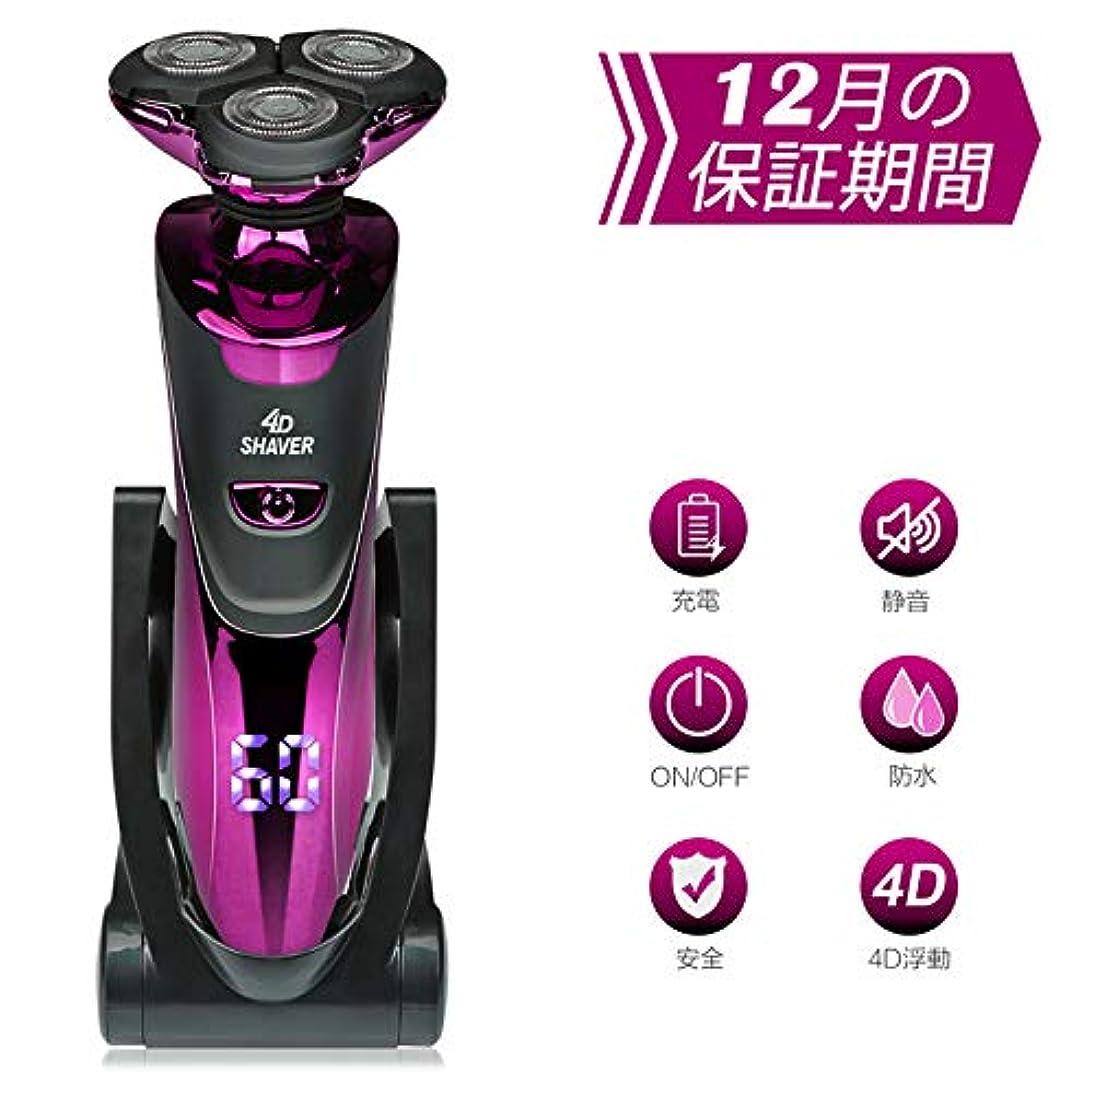 ほとんどないコーデリア言い訳髭剃り 電気シェーバー メンズ DAMONING 回転式 ひげそり 4D浮動 自動研磨 IPX7防水 お風呂剃り 丸洗い可 LEDディスプレイ USB充電式 プレゼントに最適(深紫色)